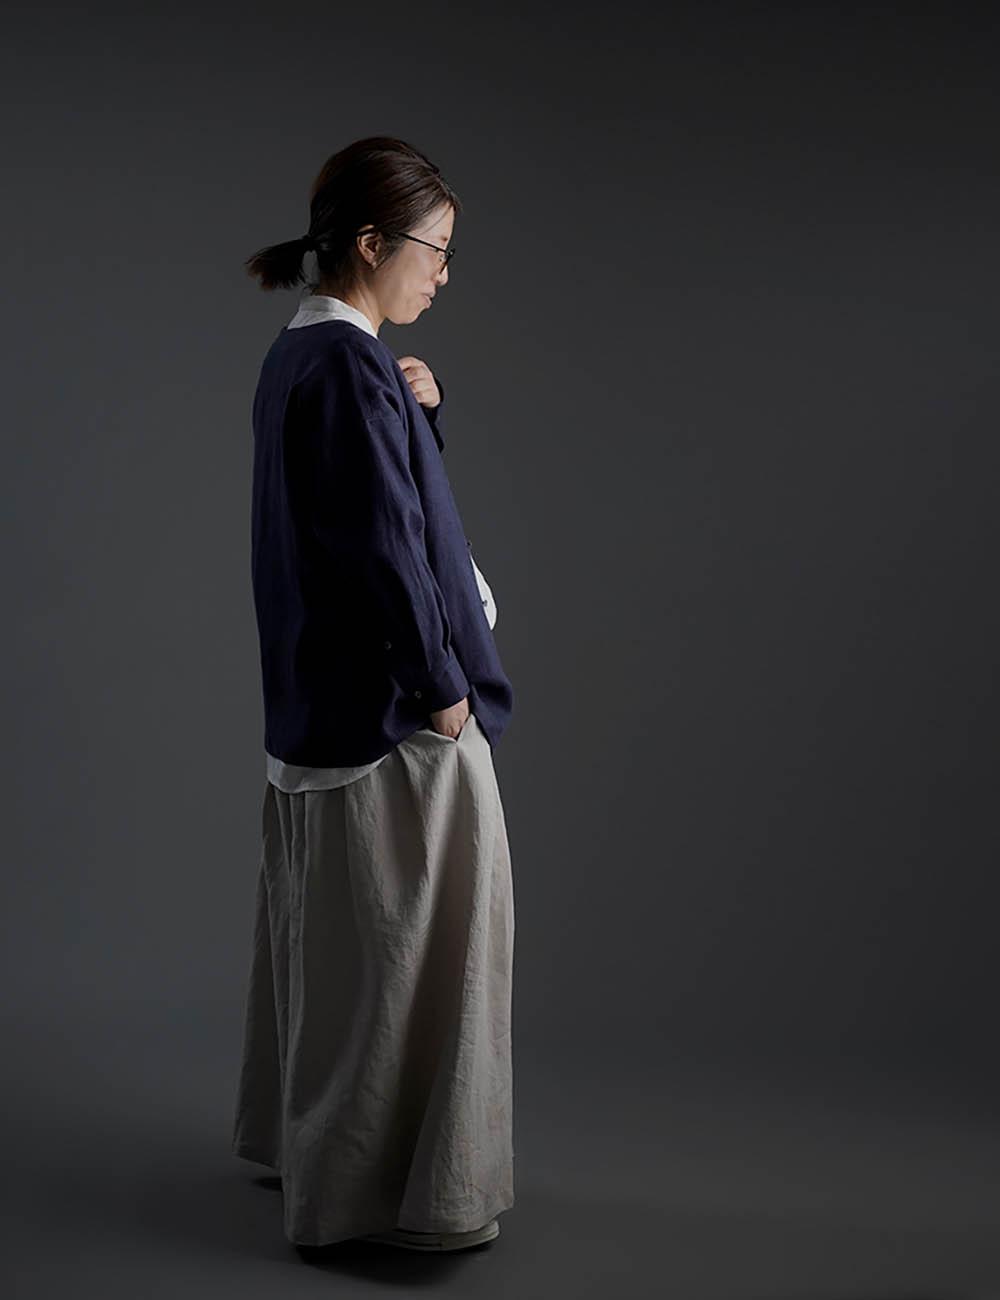 【10月9日21時~販売開始】wafu Premium Linen 起毛 ノーカラーシャツジャケット / ネイビー t036c-neb3